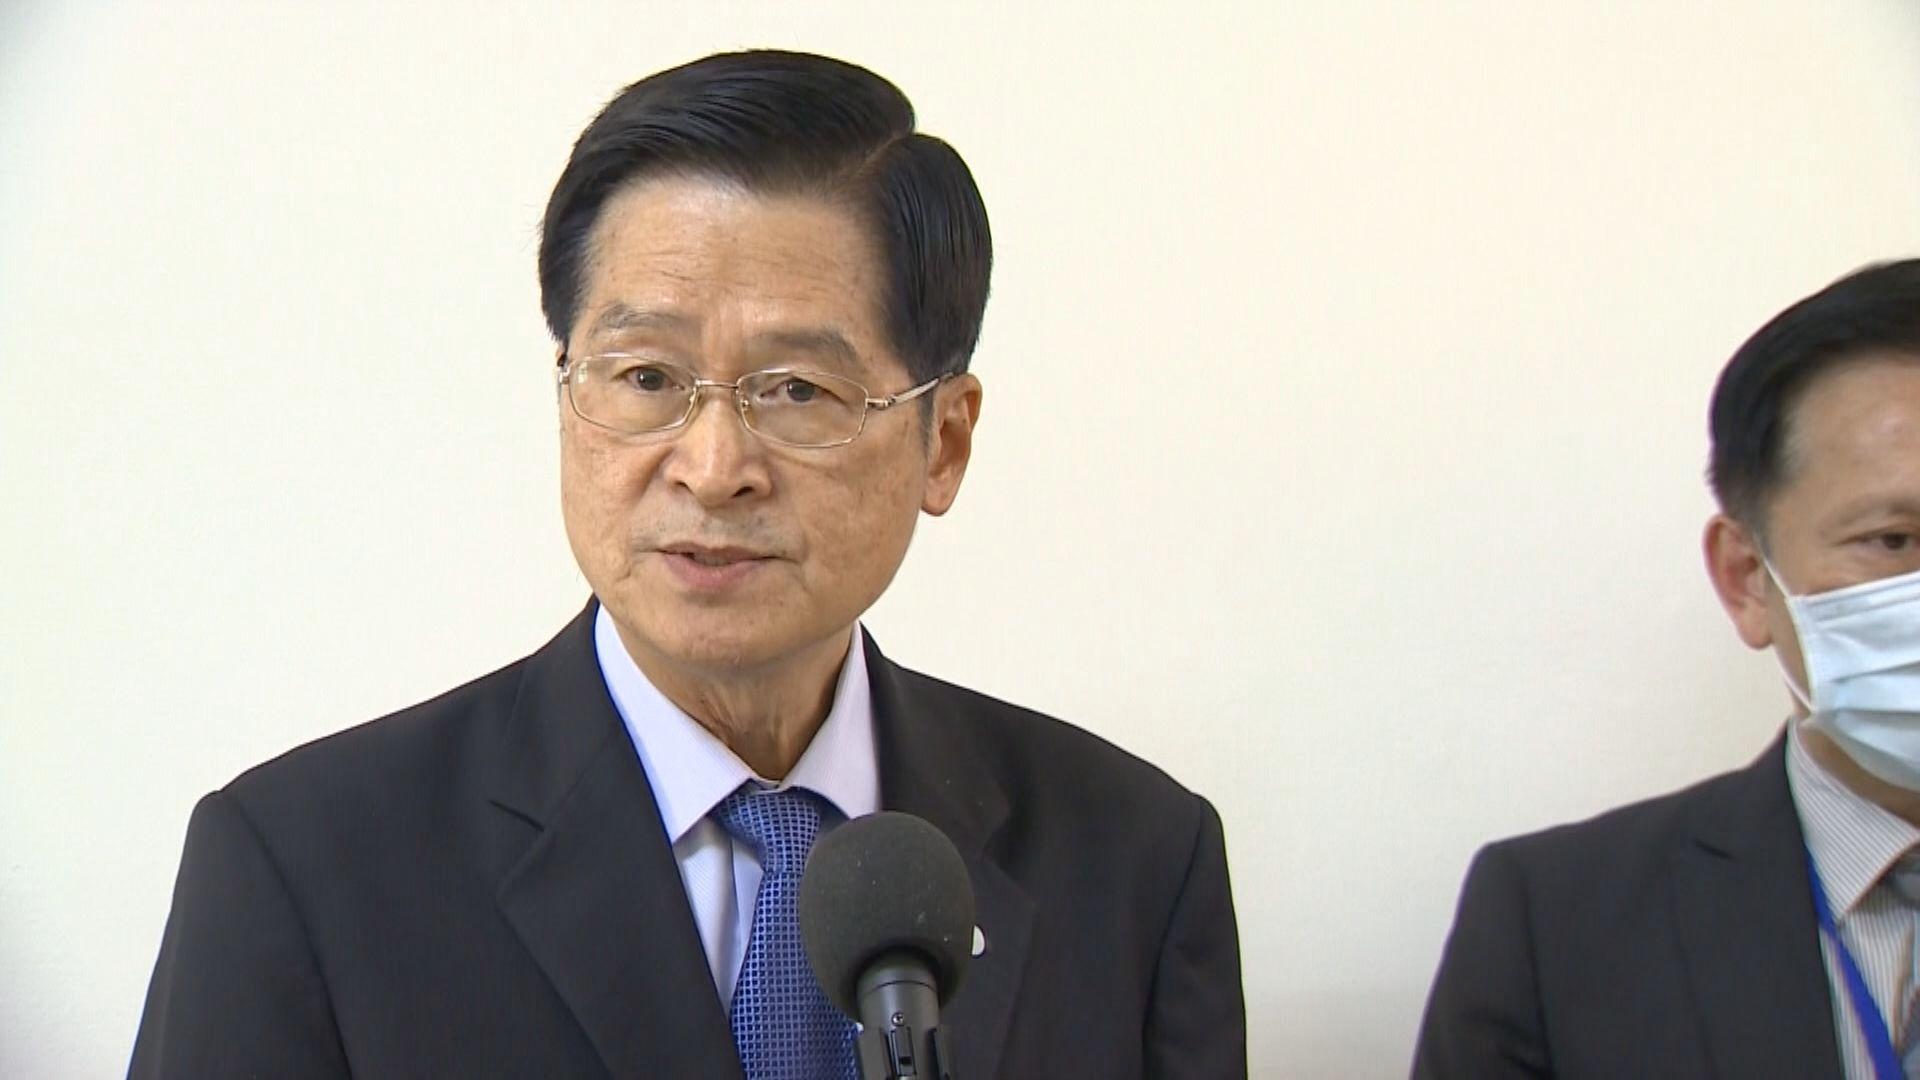 百事娱乐:台灣軍方出現人事變動 嚴德發